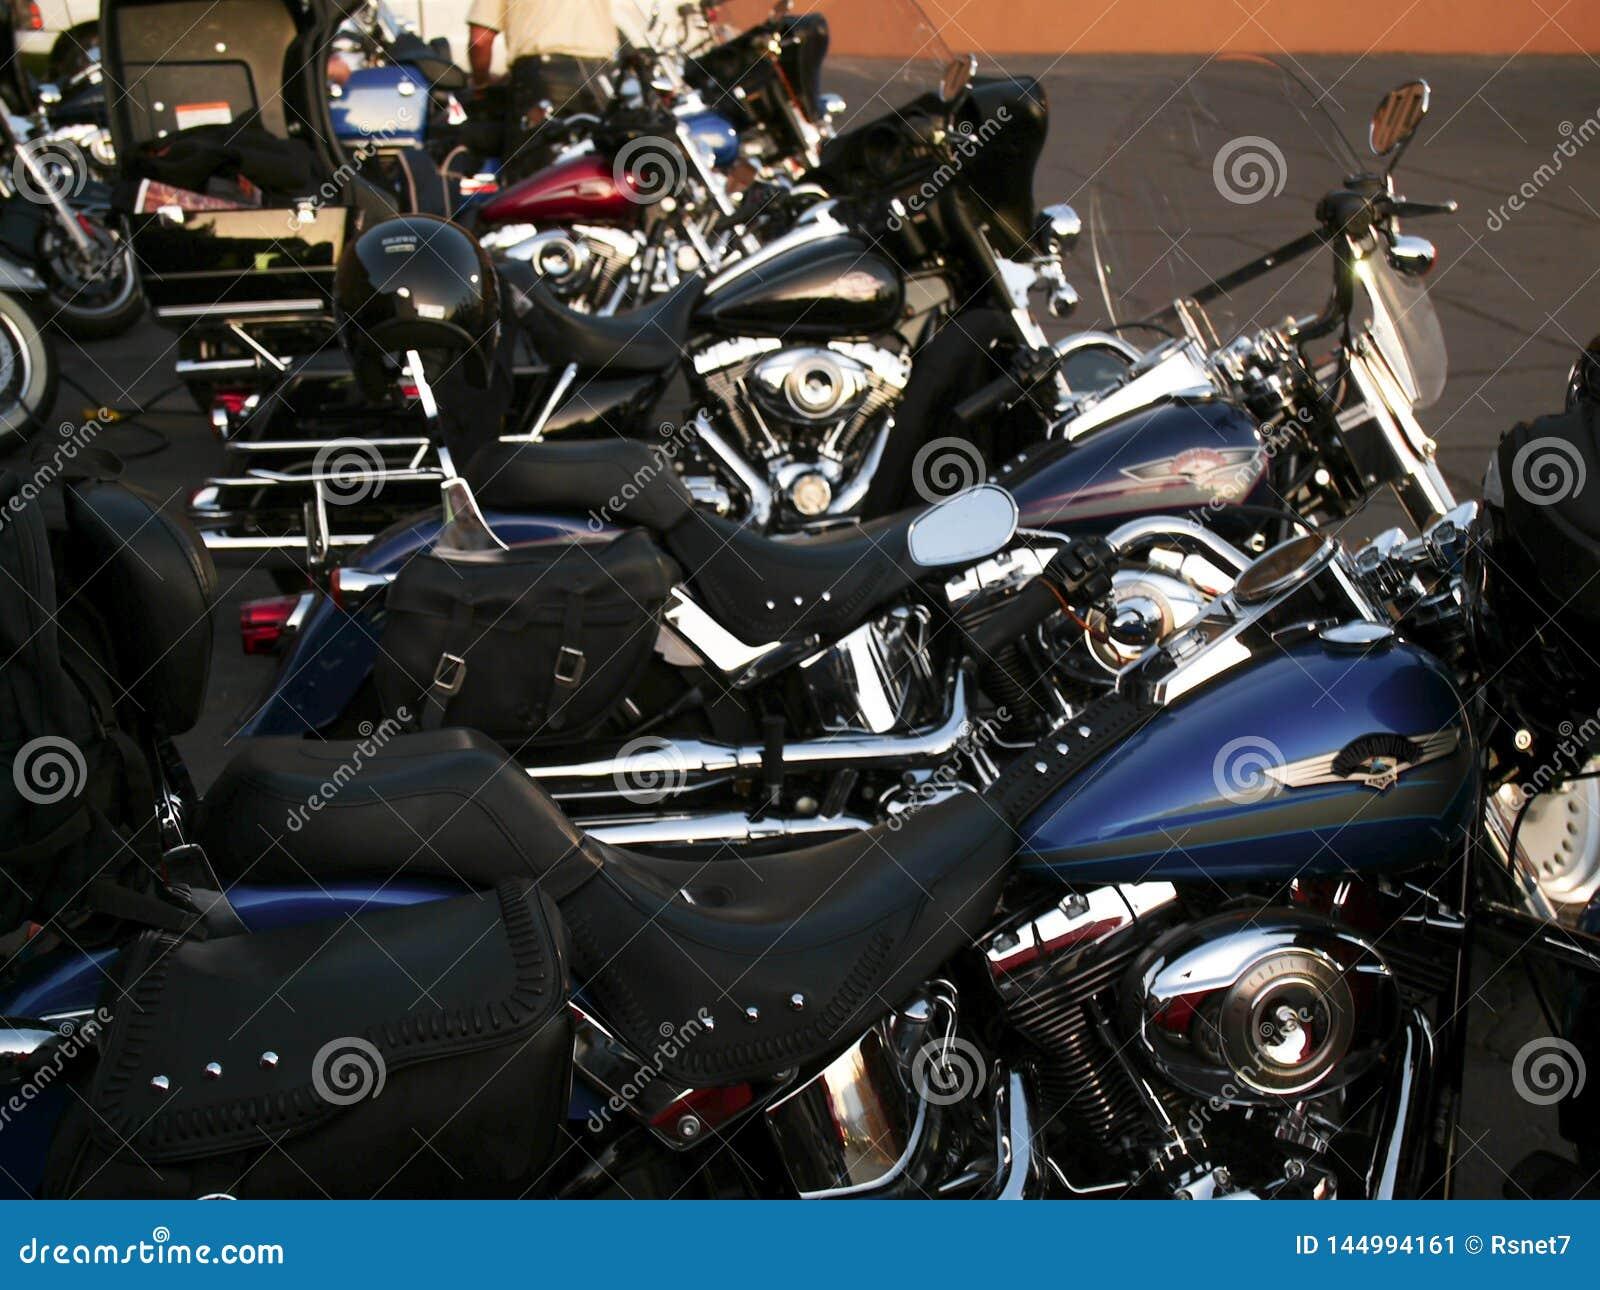 Des motos lourdes sont alignées